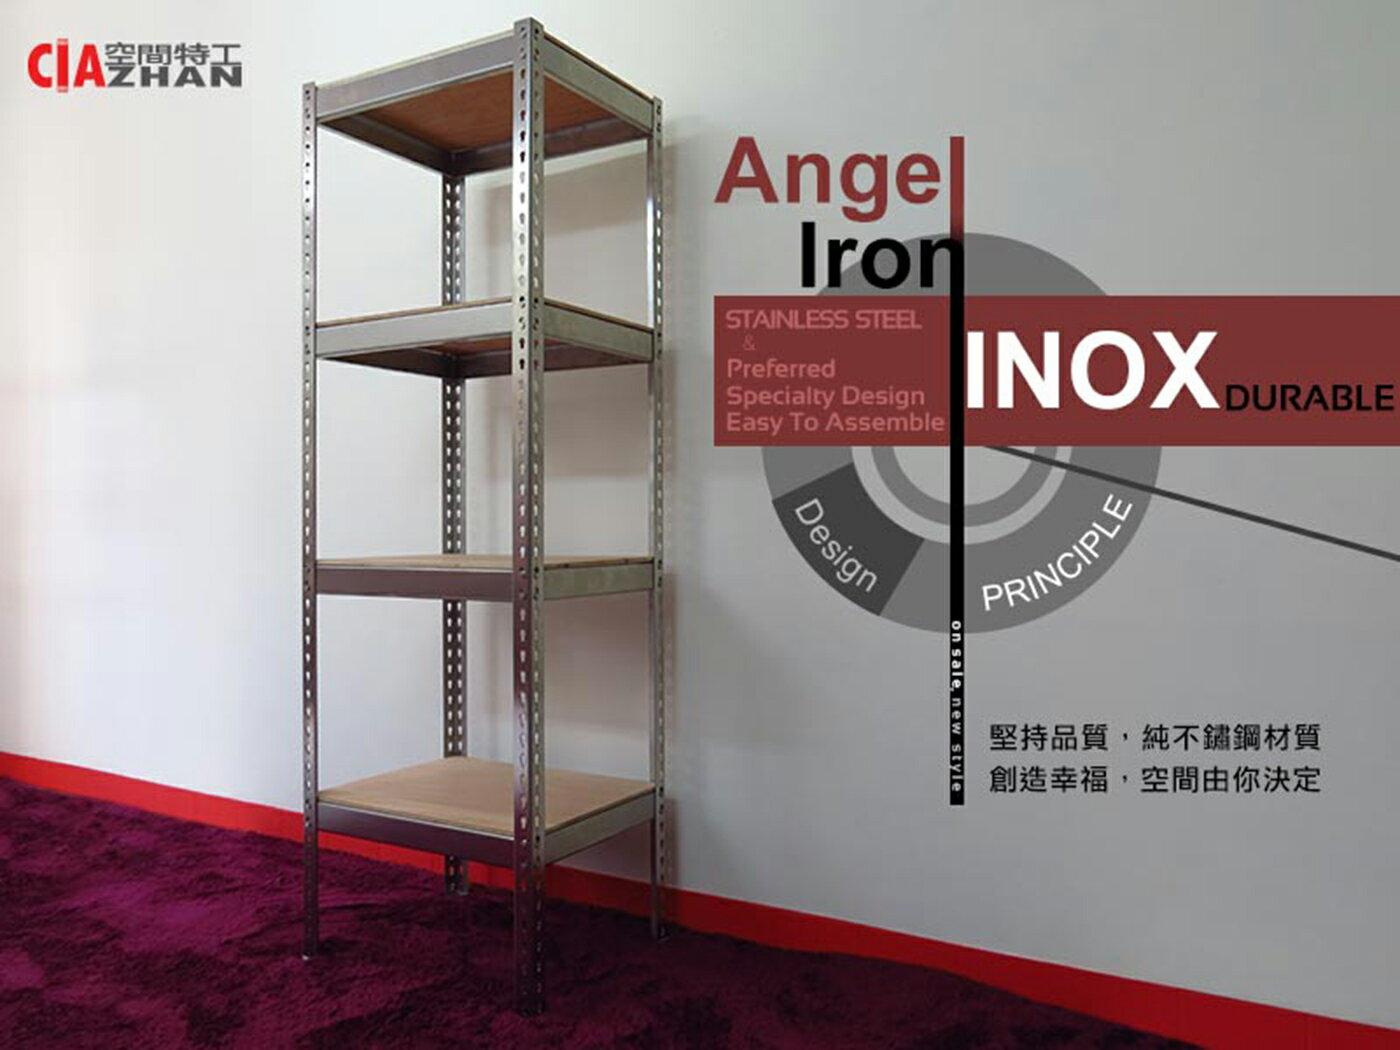 廚房設備 無塵室 置物架 免螺絲角鋼 唯一橫桿2mm厚  長1.5x深1.5尺x4層,高6